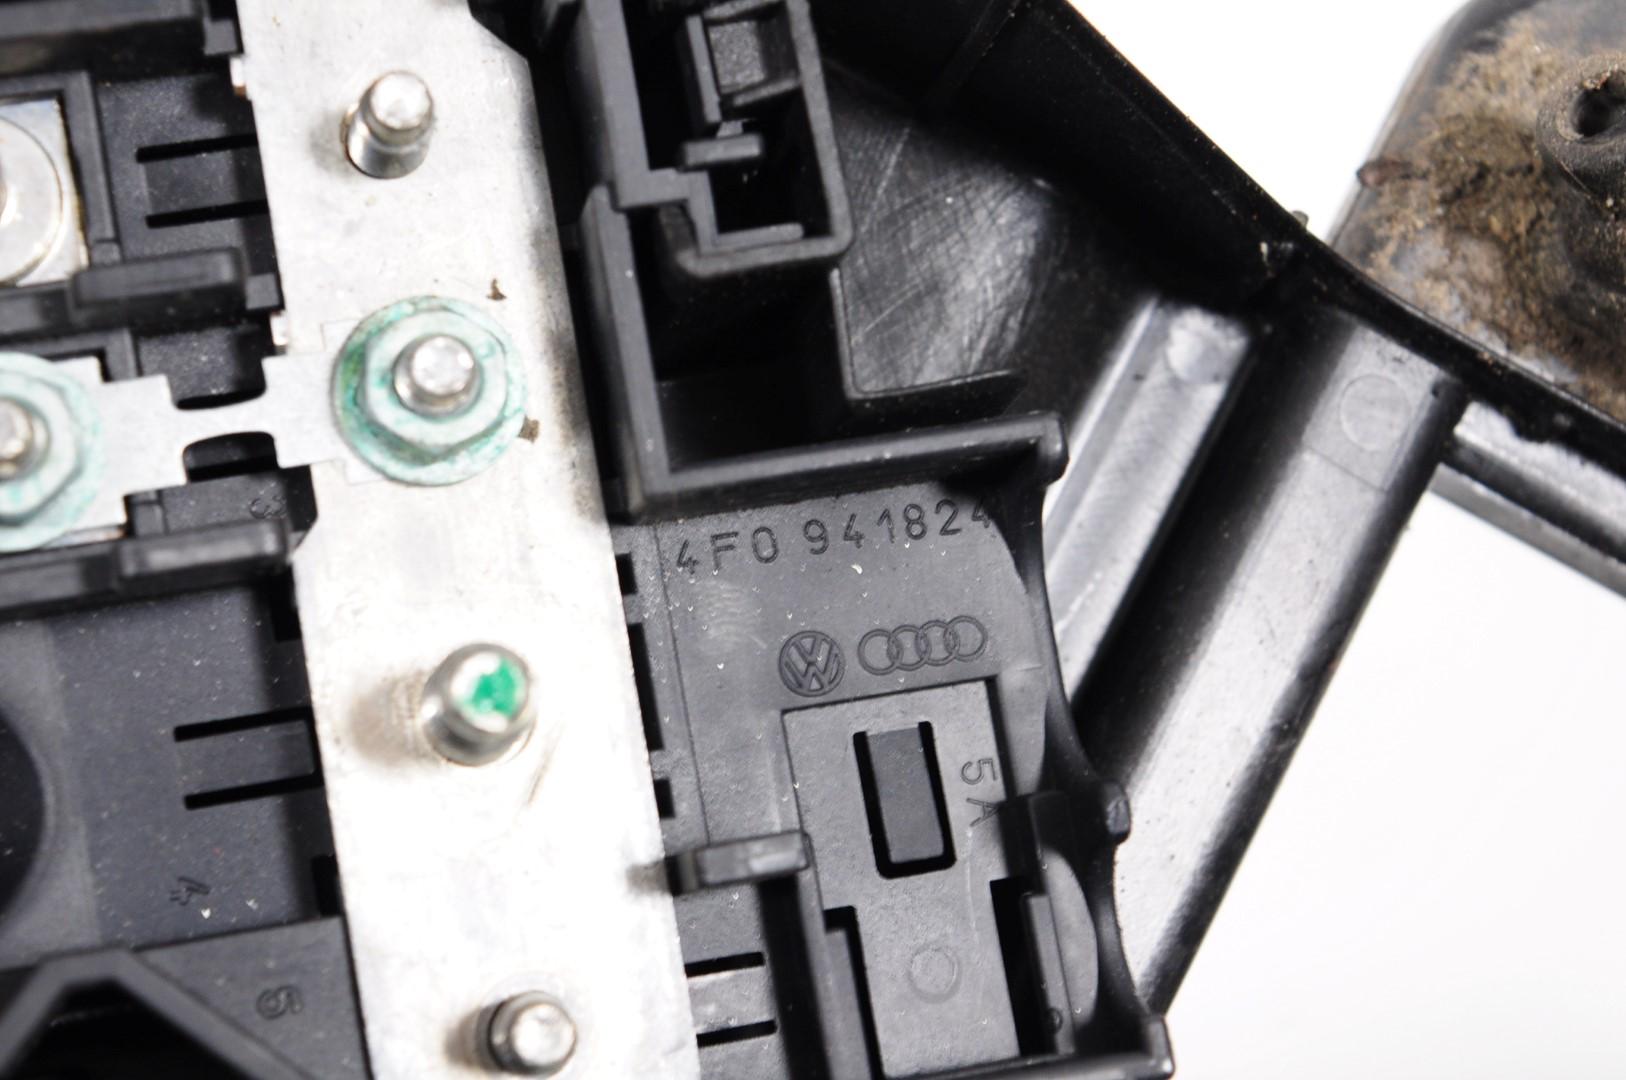 Audi A6 C6 4f 20 Tdi Avant 2006 Rhd Engine Bay Fuse Box 4f0941824 1995 2 0